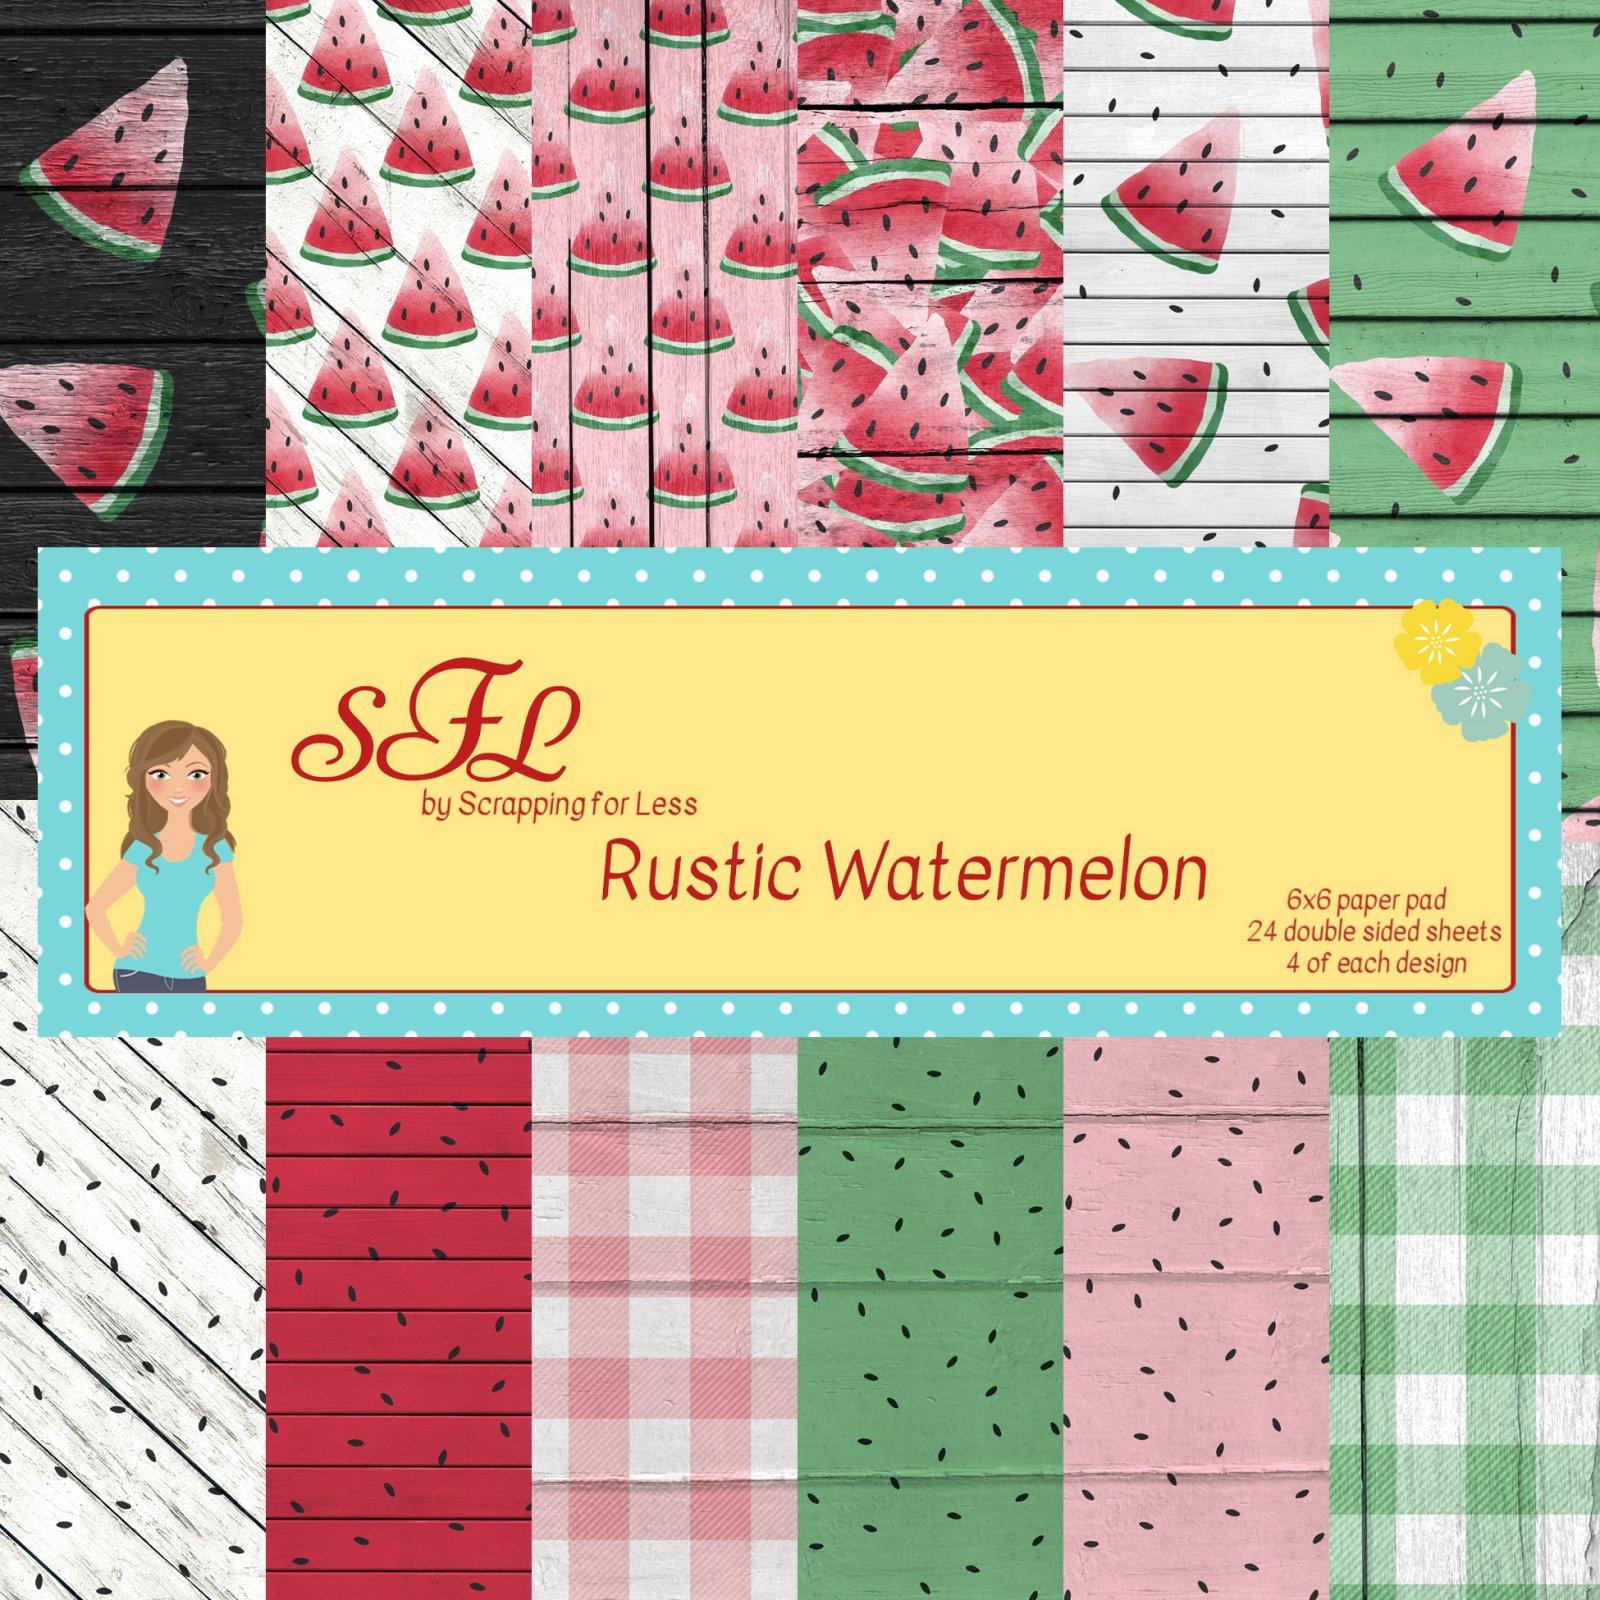 SFL Rustic Watermelon 6x6 Paper Pad